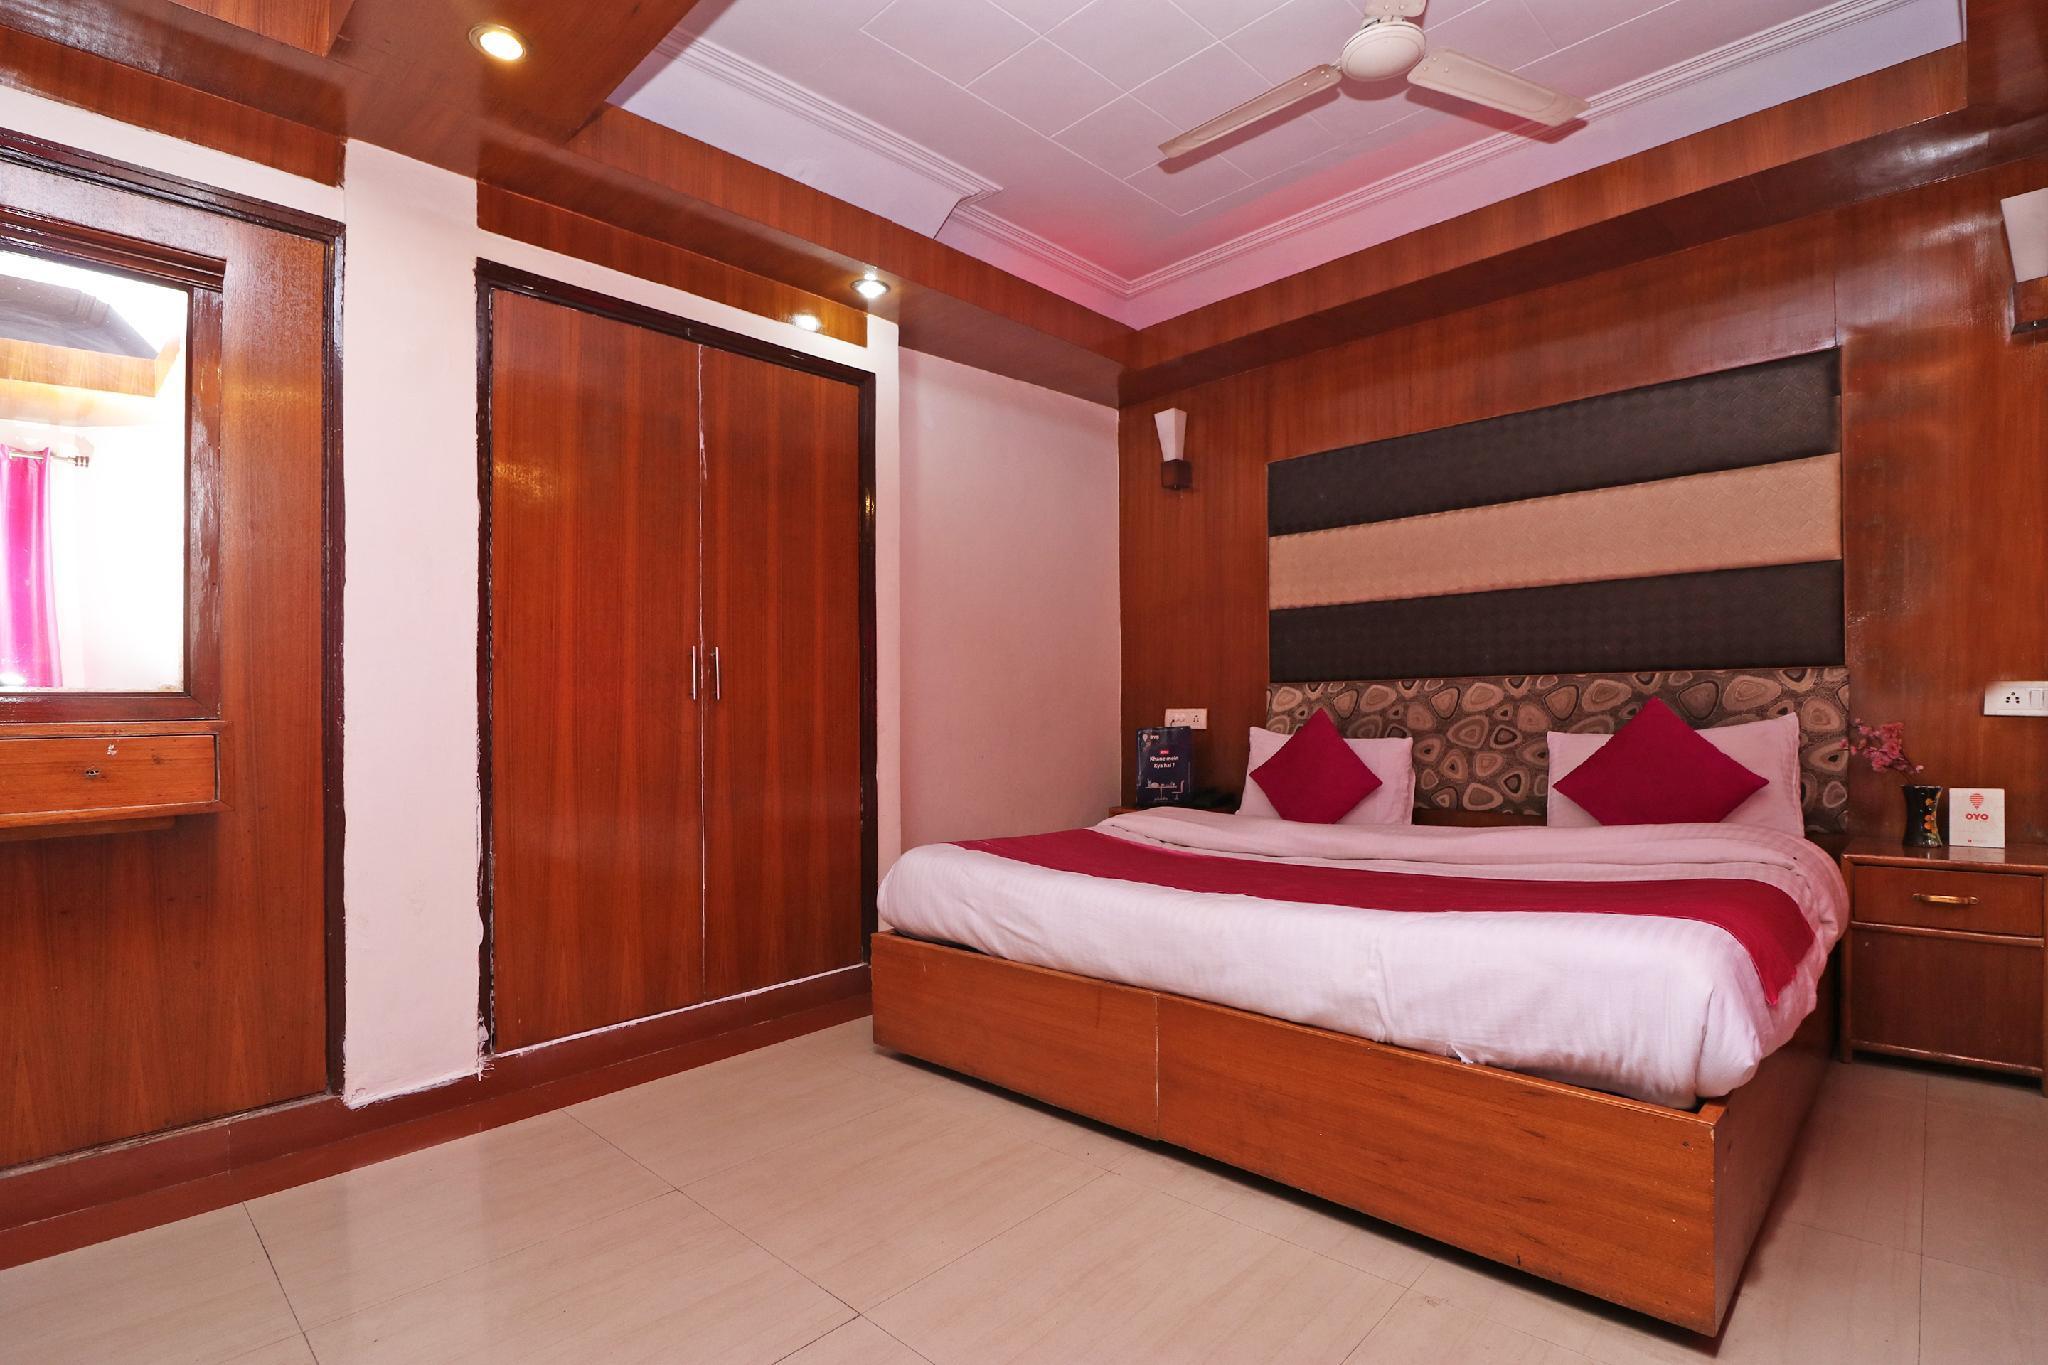 OYO 8637 Shivam Hotel